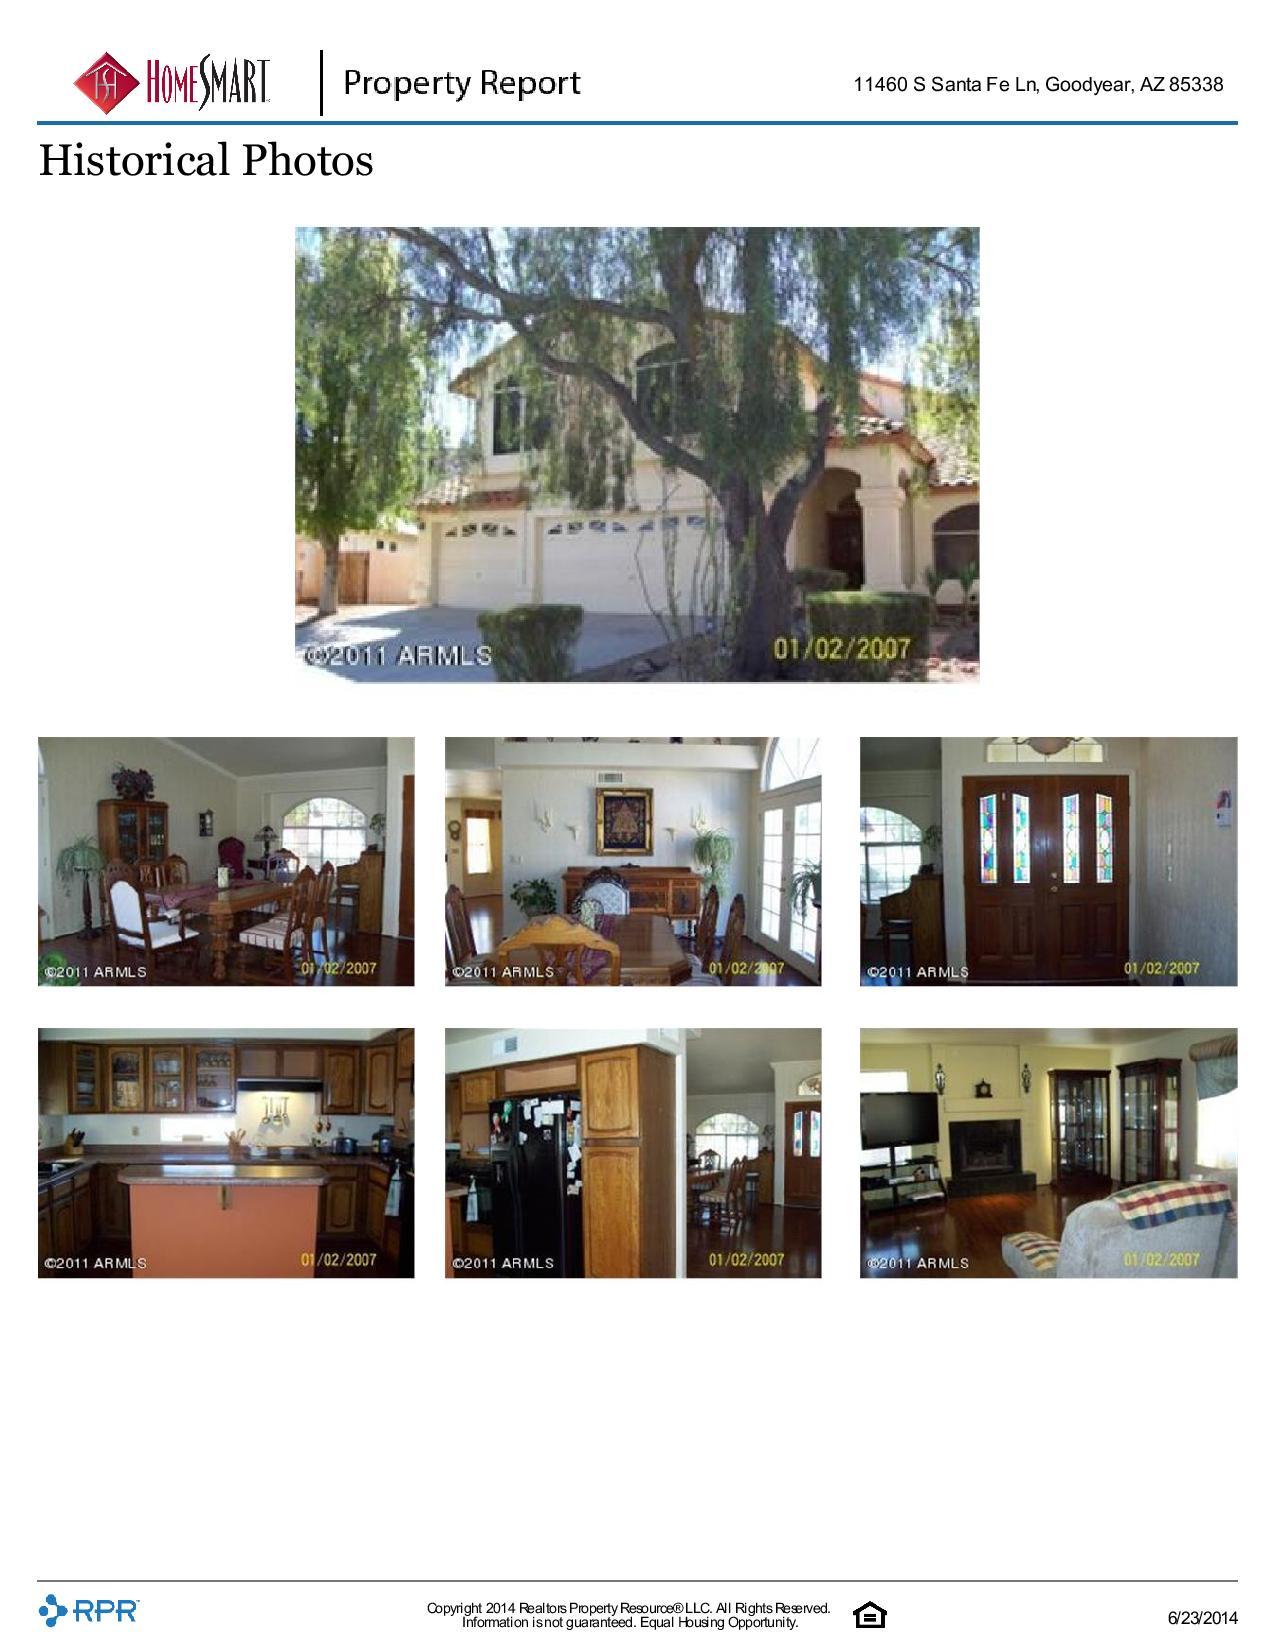 11460-S-Santa-Fe-Ln-Goodyear-AZ-85338-page-007